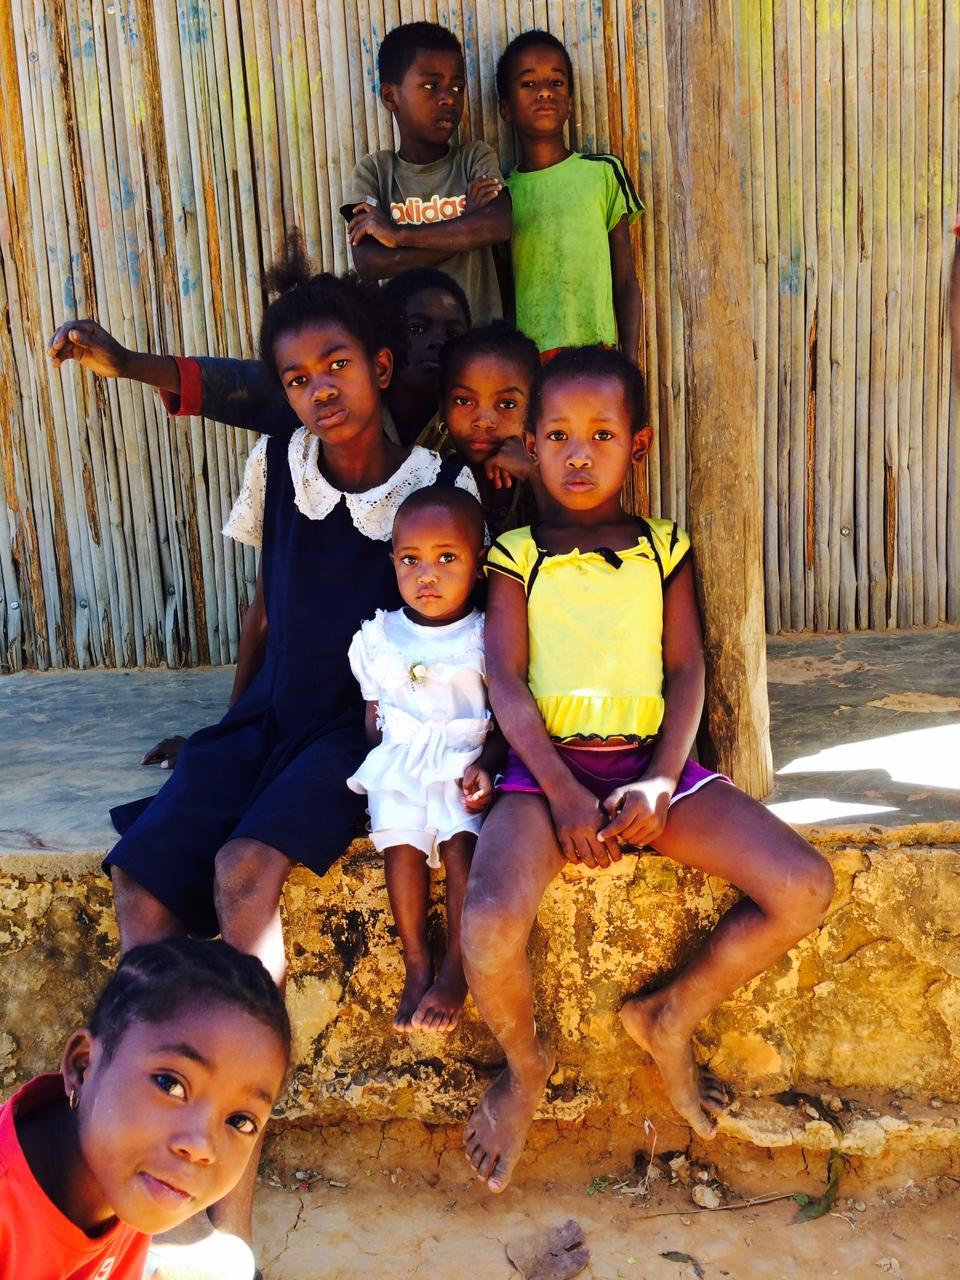 A maventibaói gyerekeknek, csakúgy mint az ország többi részén, hatéves kortól 14 éves korig kötelező iskolába járni, ennek is köszönhető, hogy az írni-olvasni tudás a népesség közel 65%-nál általános (Fotó: Szabó Nóra)